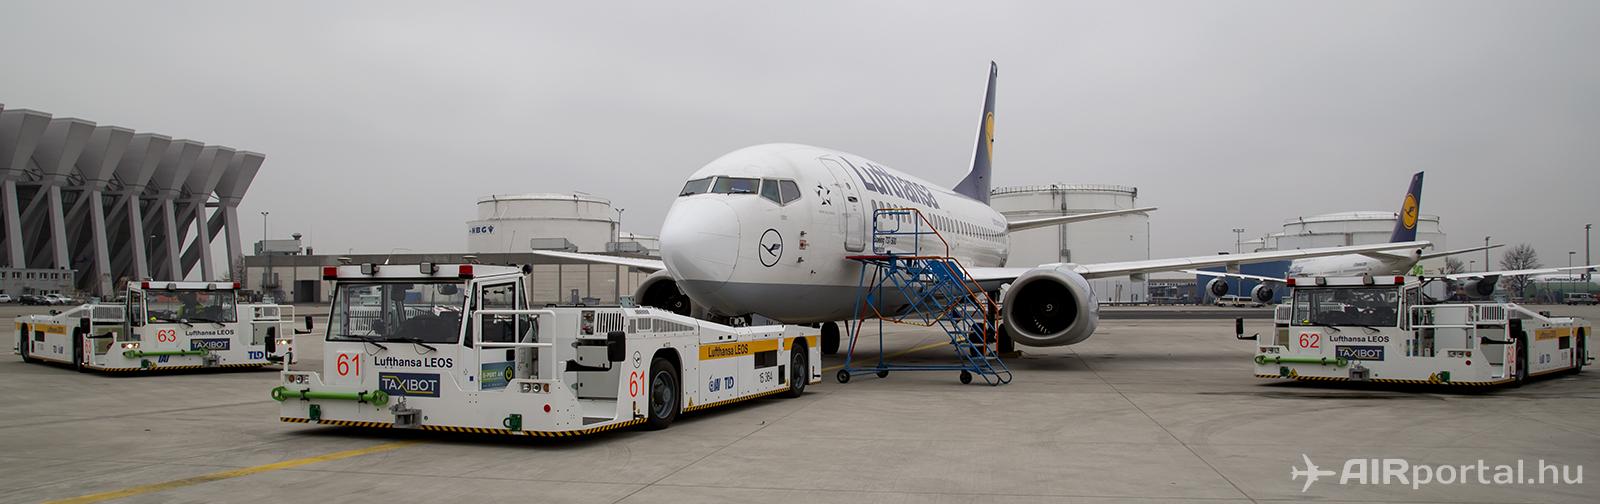 A Lufthansa LEOS TaxiBot flottája Frankfurtban a légitársaság egy Boeing 737-300-as repülőgépével. | © AIRportal.hu